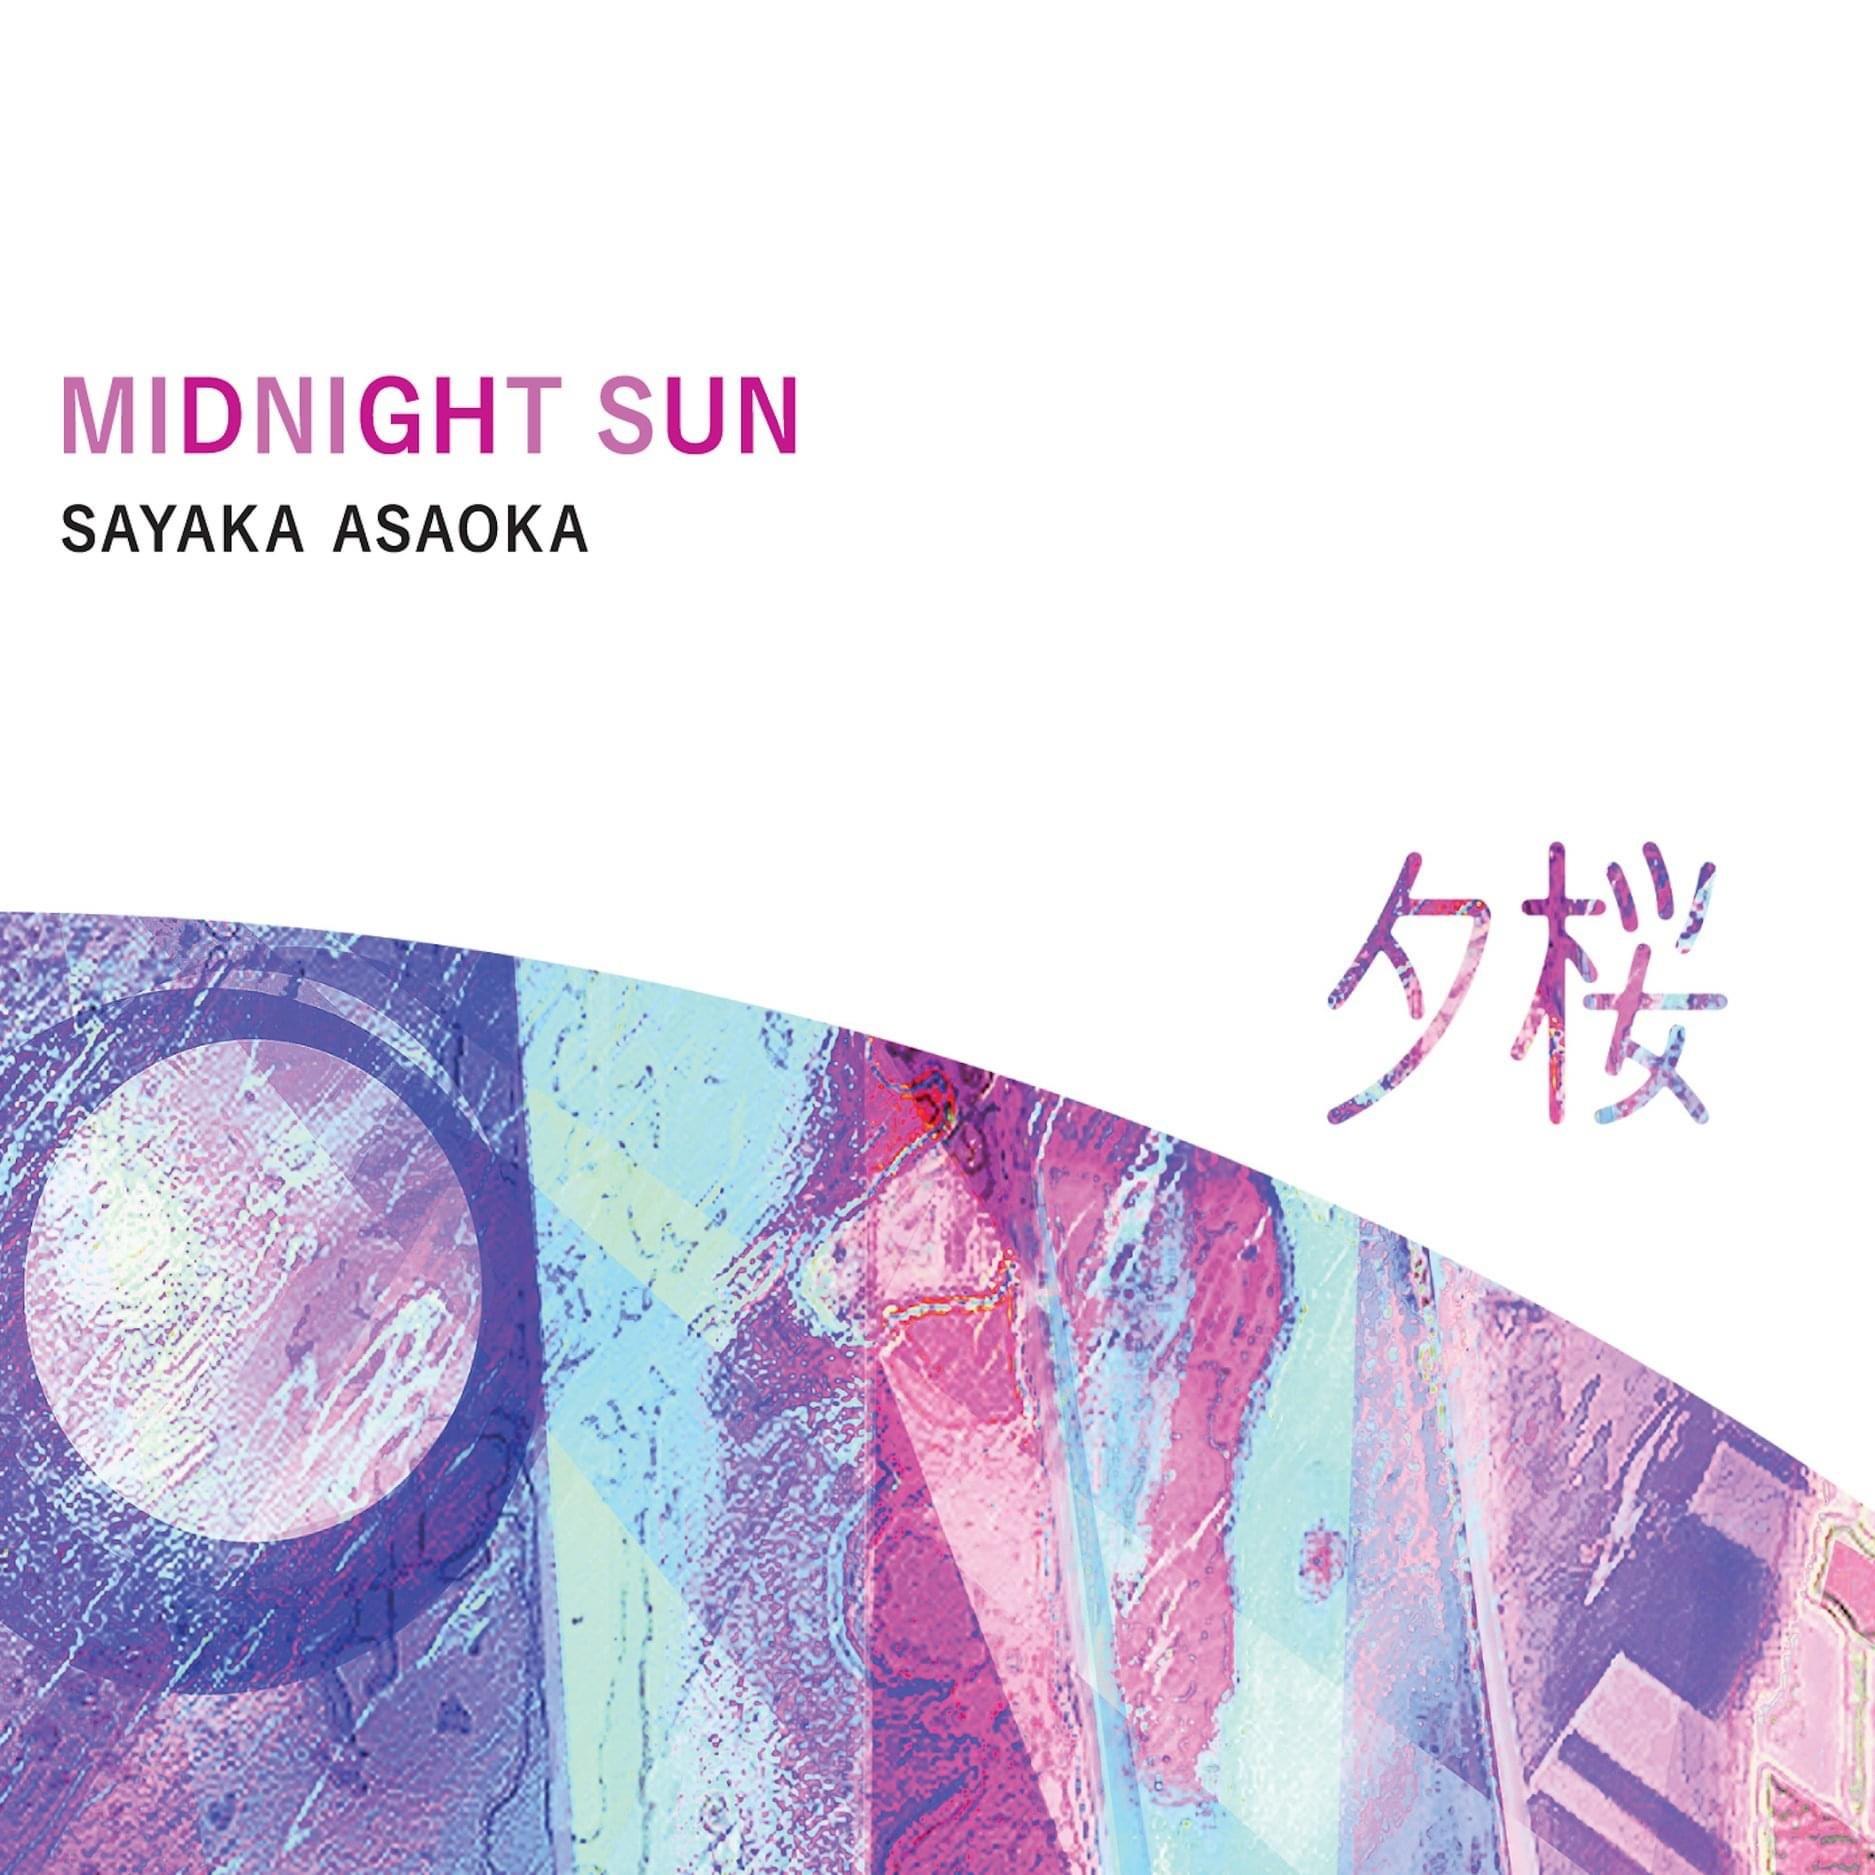 朝岡さやか「夕桜〜Midnight Sun〜」本日9/9より配信スタート!_e0030586_20372129.jpeg